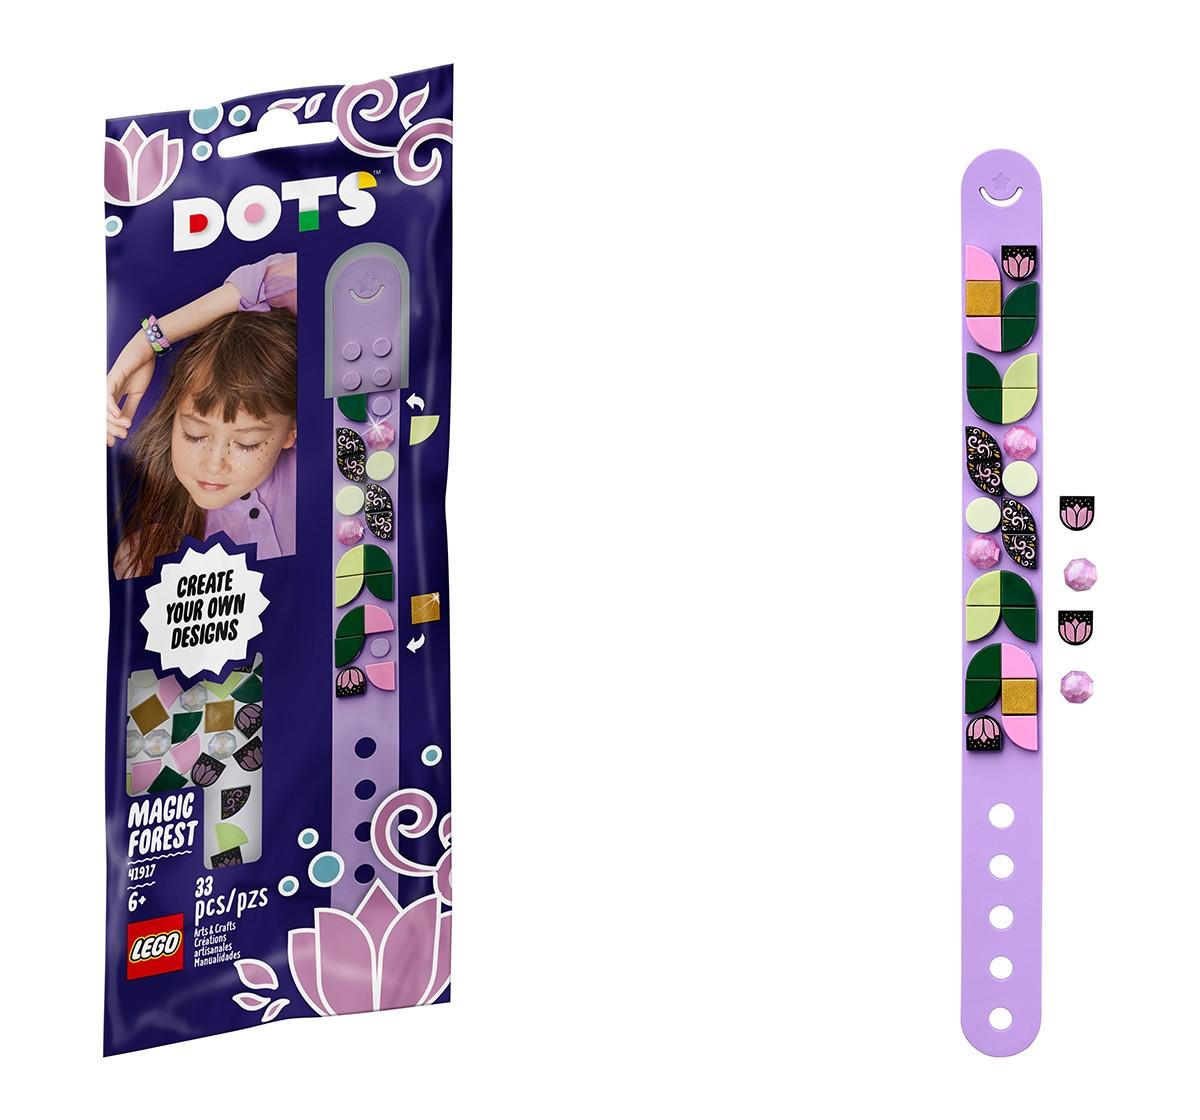 LEGO 41917 Magic Forest Bracelet Lego Blocks for Girls age 6Y+